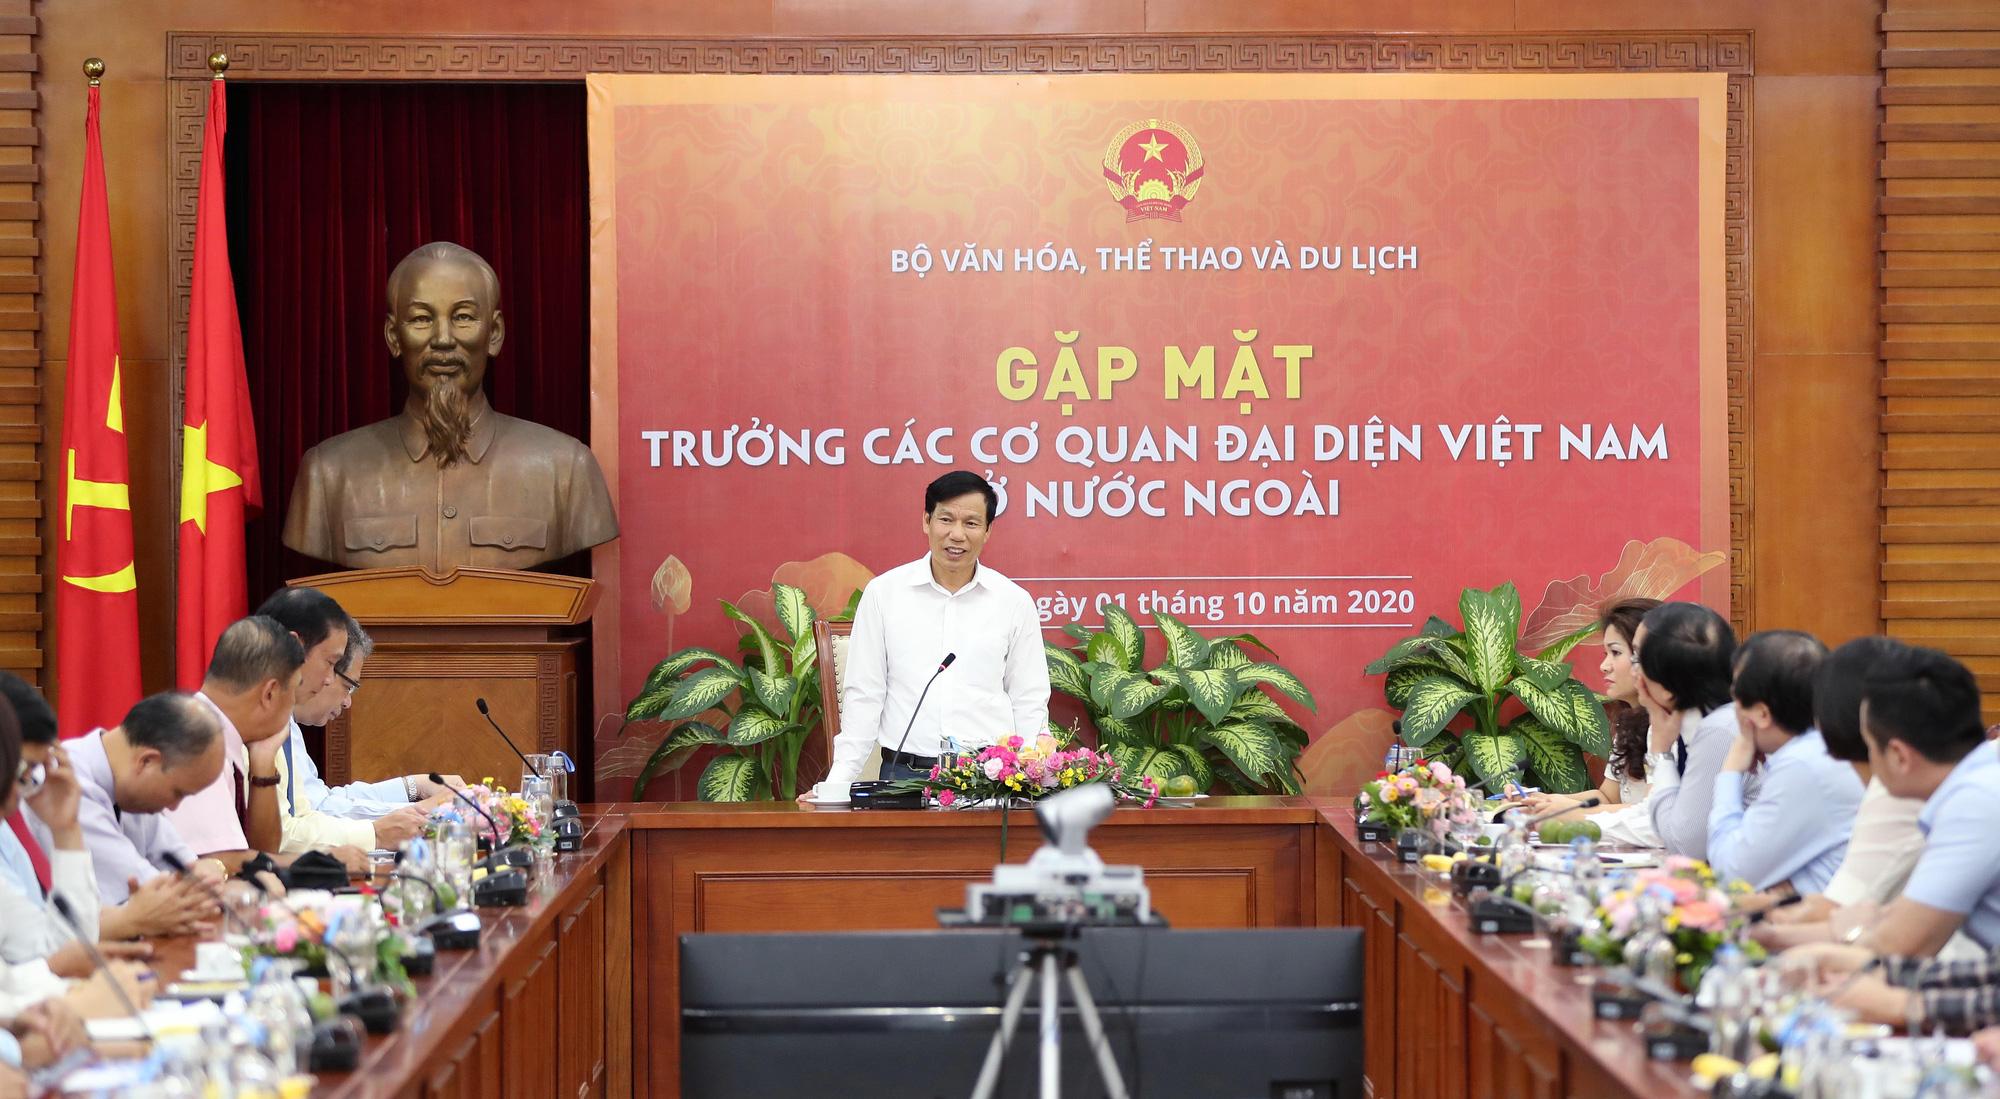 Bộ trưởng Nguyễn Ngọc Thiện gặp mặt Trưởng Cơ quan đại diện Việt Nam ở nước ngoài nhiệm kỳ 2020-2023 - Ảnh 1.